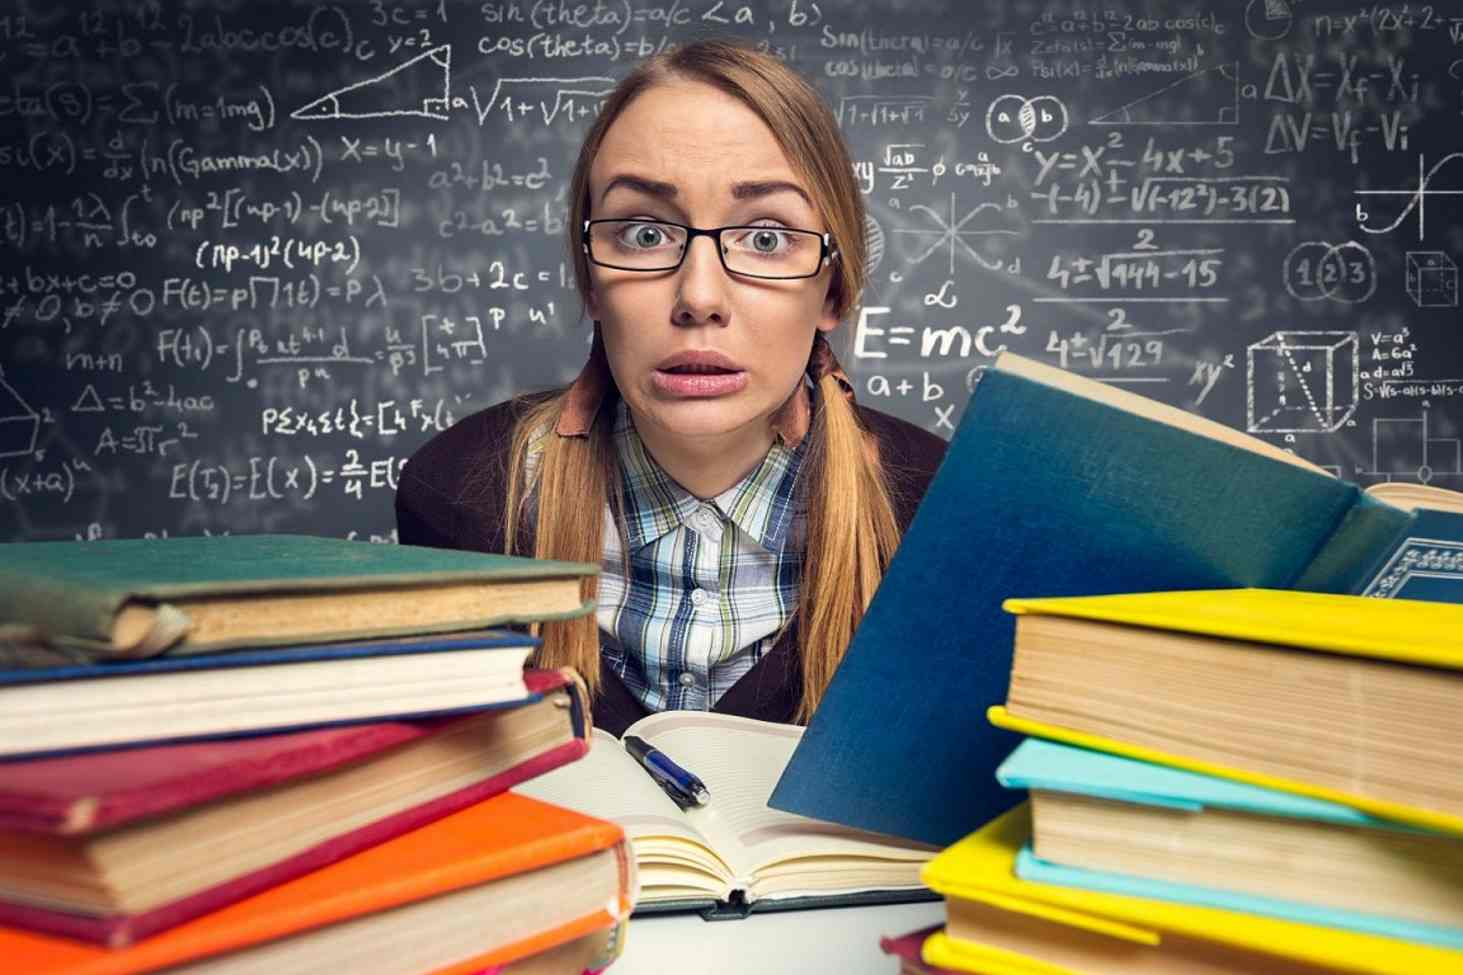 zhdat-li-peremen-v-obrazovanii-o-printsipah-natsionalnoj-sistemy-professionalnogo-rosta-pedagogicheskih-rabotnikov